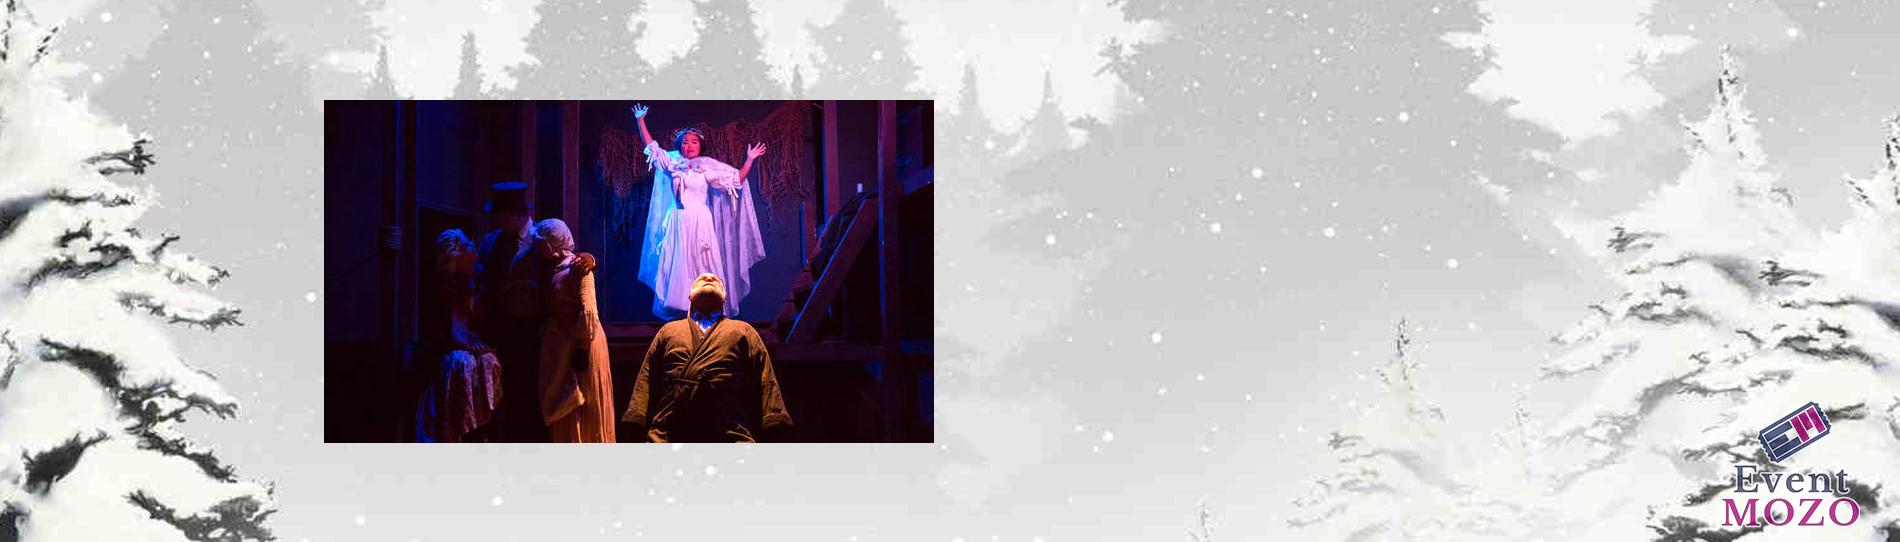 EventMozo A Christmas Carol  A Holiday Family Favorite